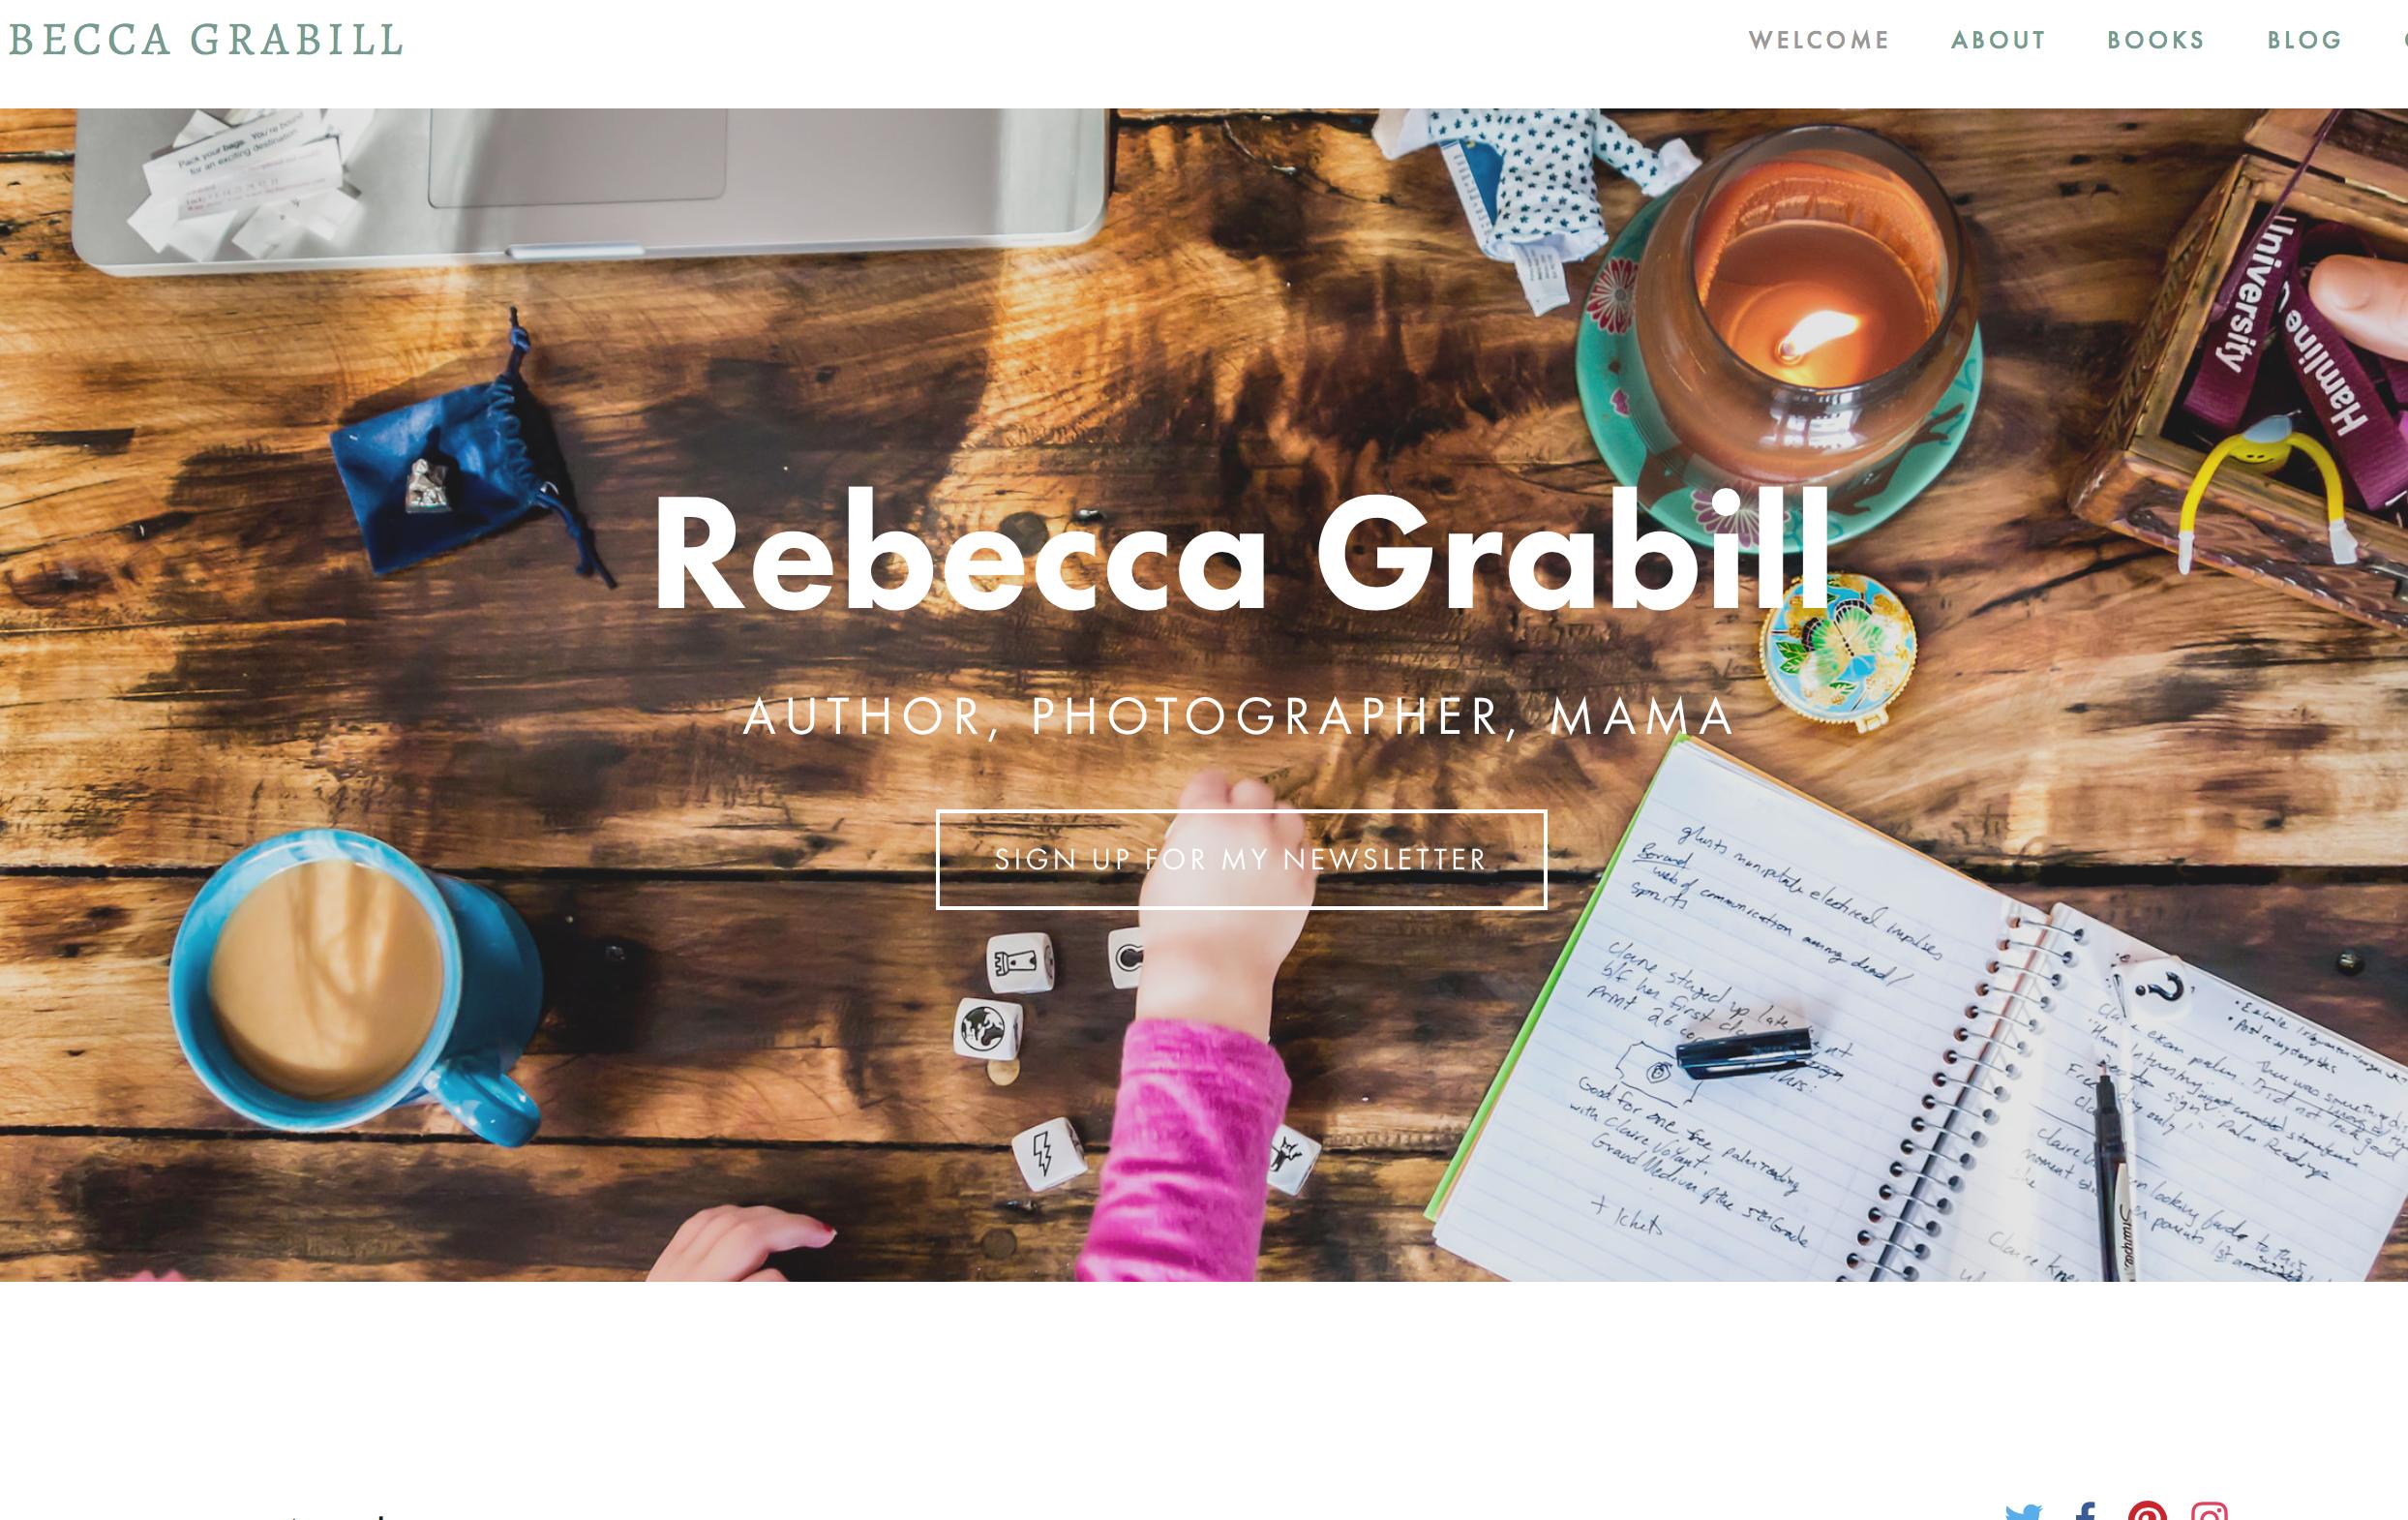 My old site rebeccagrabill.com